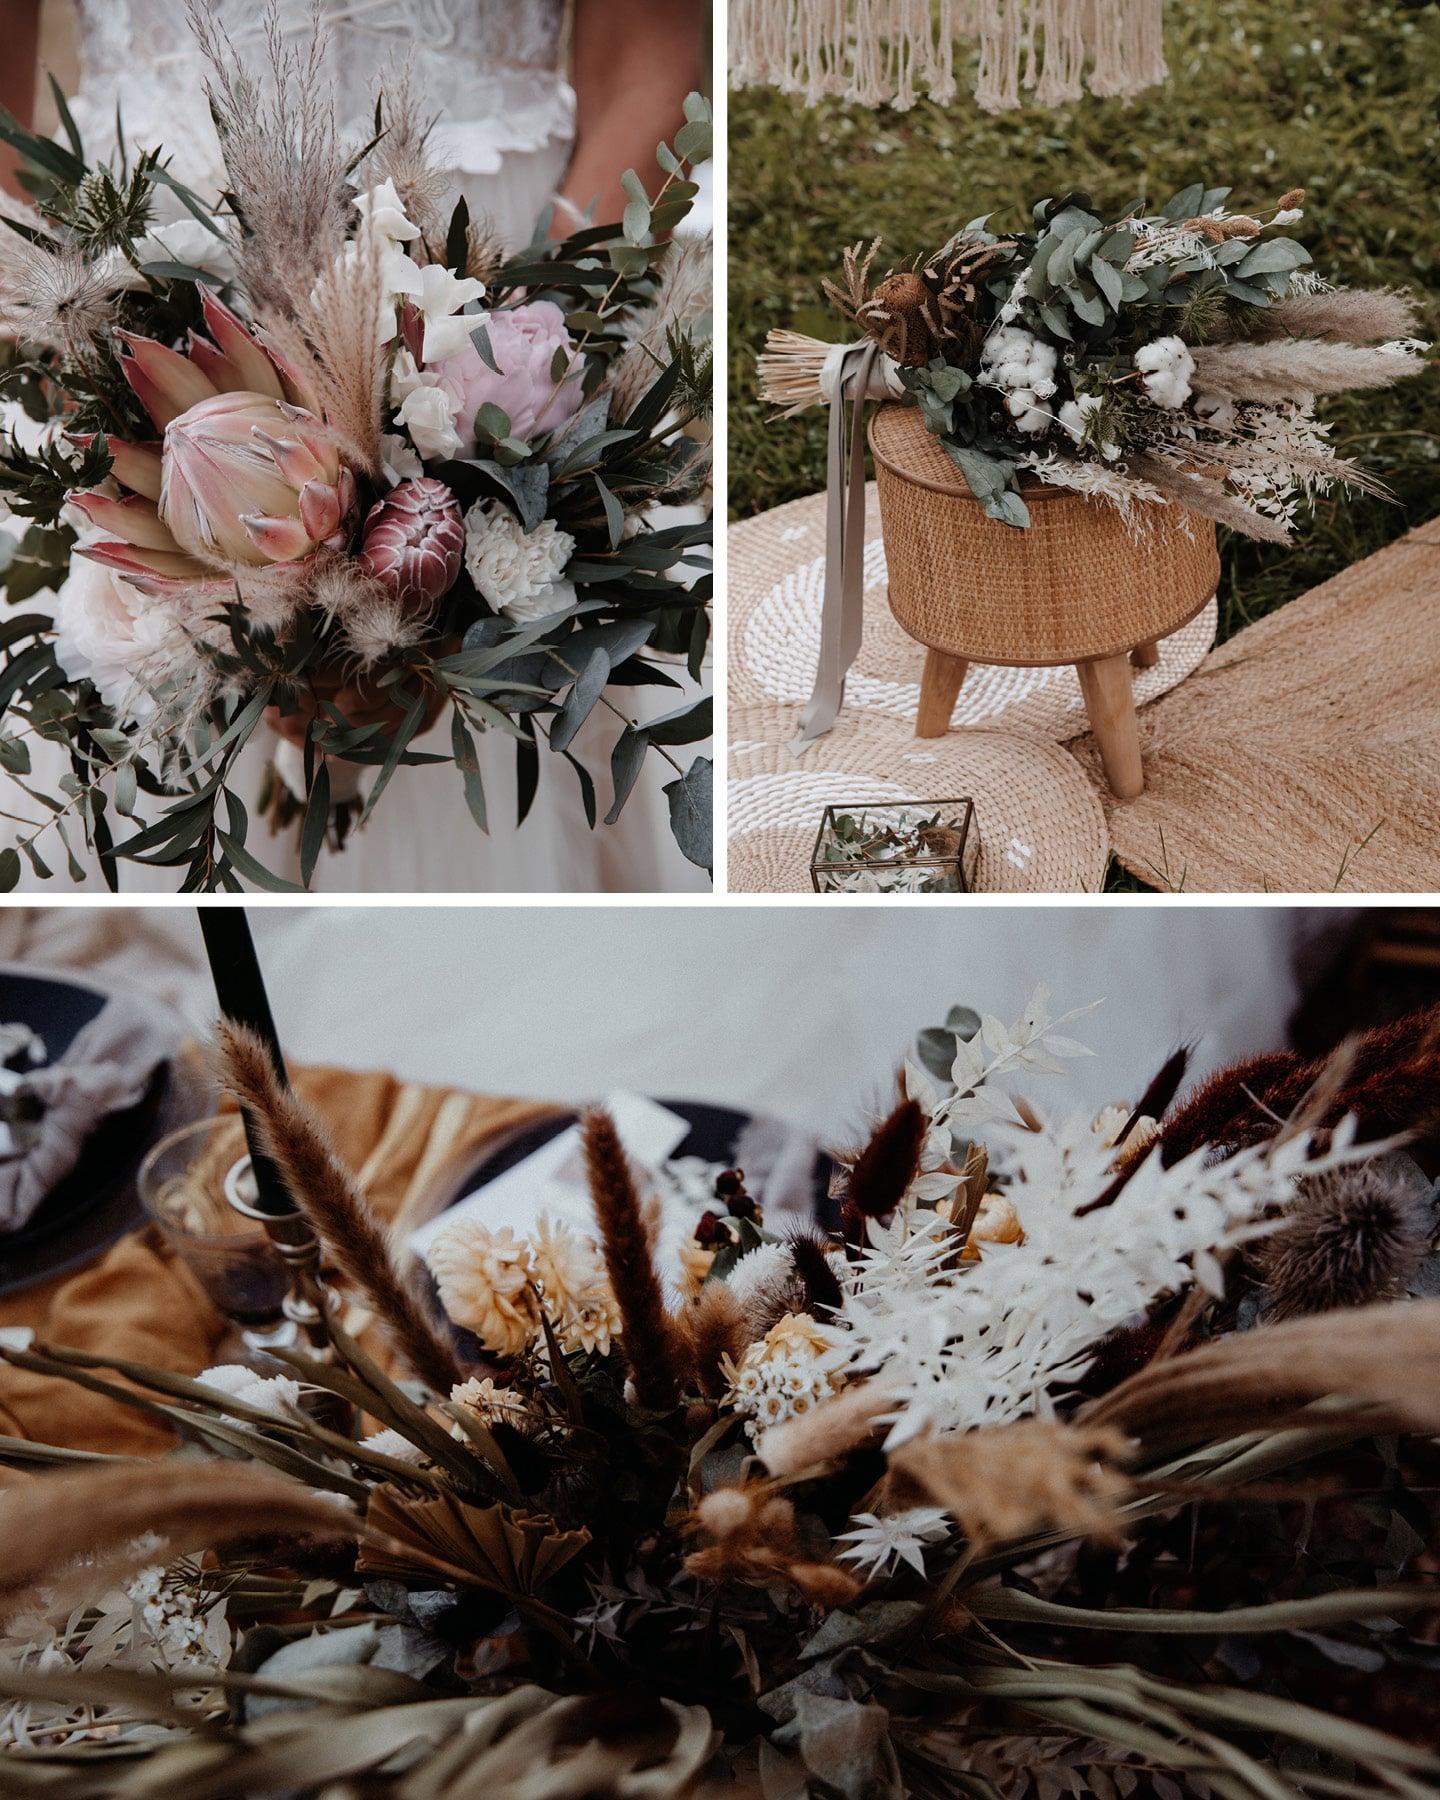 Hochzeitsdeko Rends 2021: Trockenblumen mit frischen Blüten